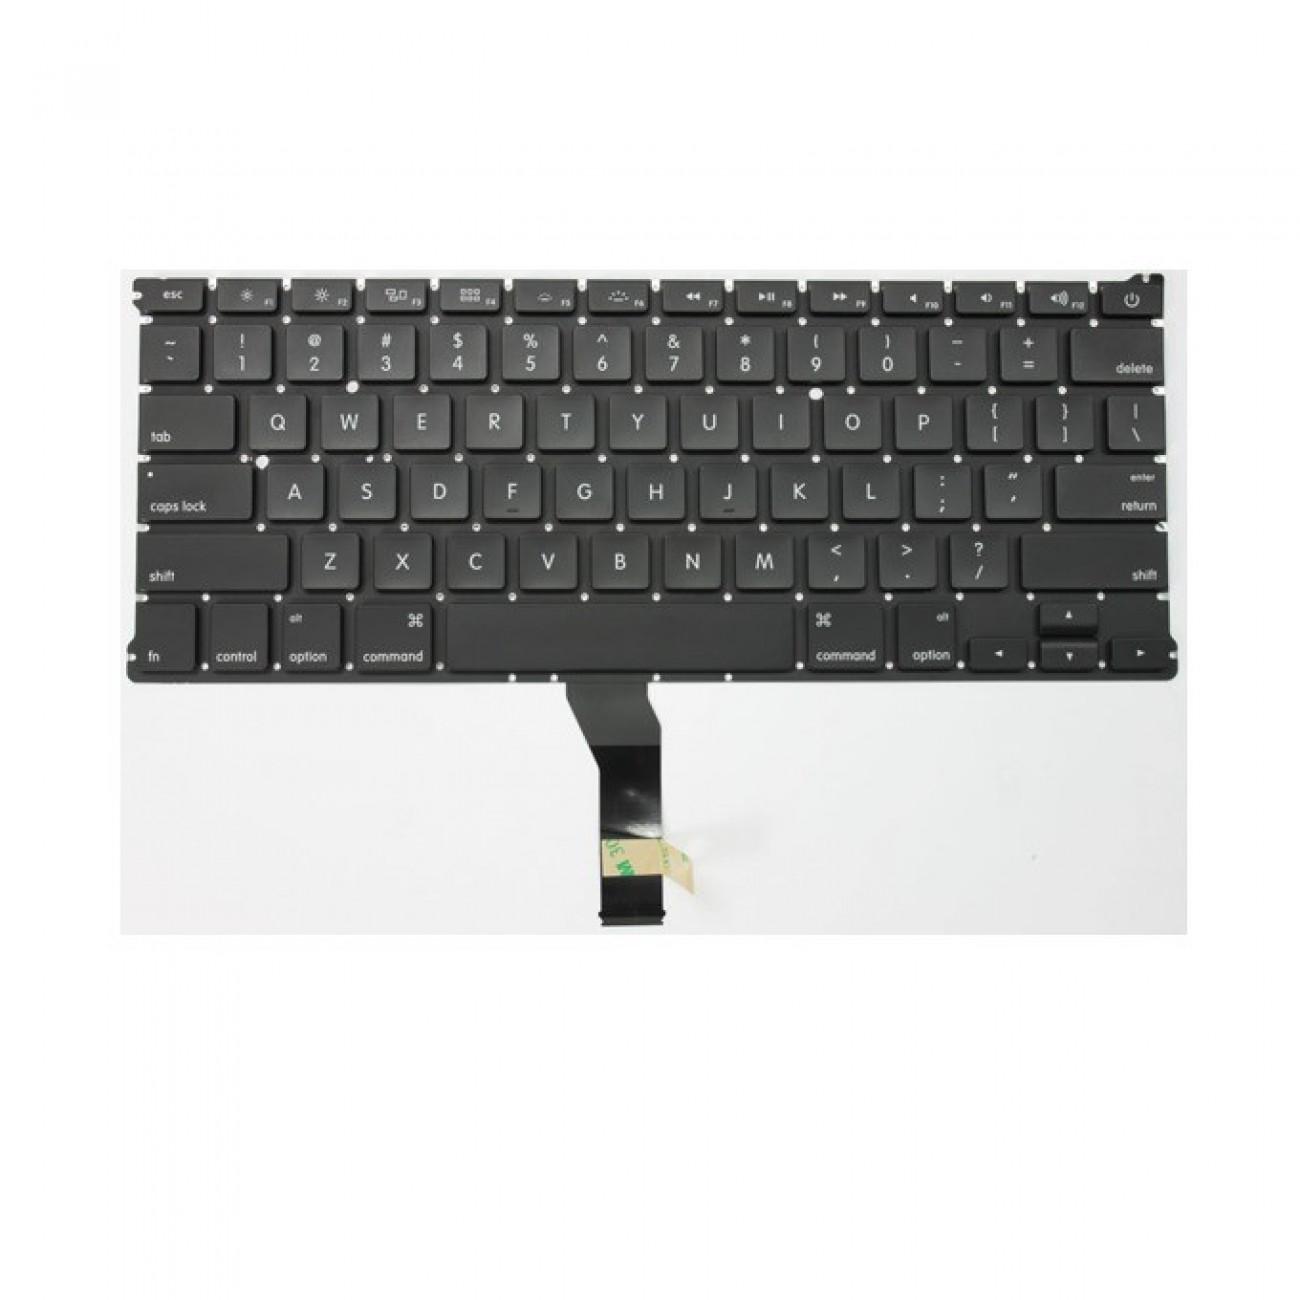 Клавиатура за Apple Macbook AIR A1369 A1466, черна, подсветка, US в Резервни части -  | Alleop